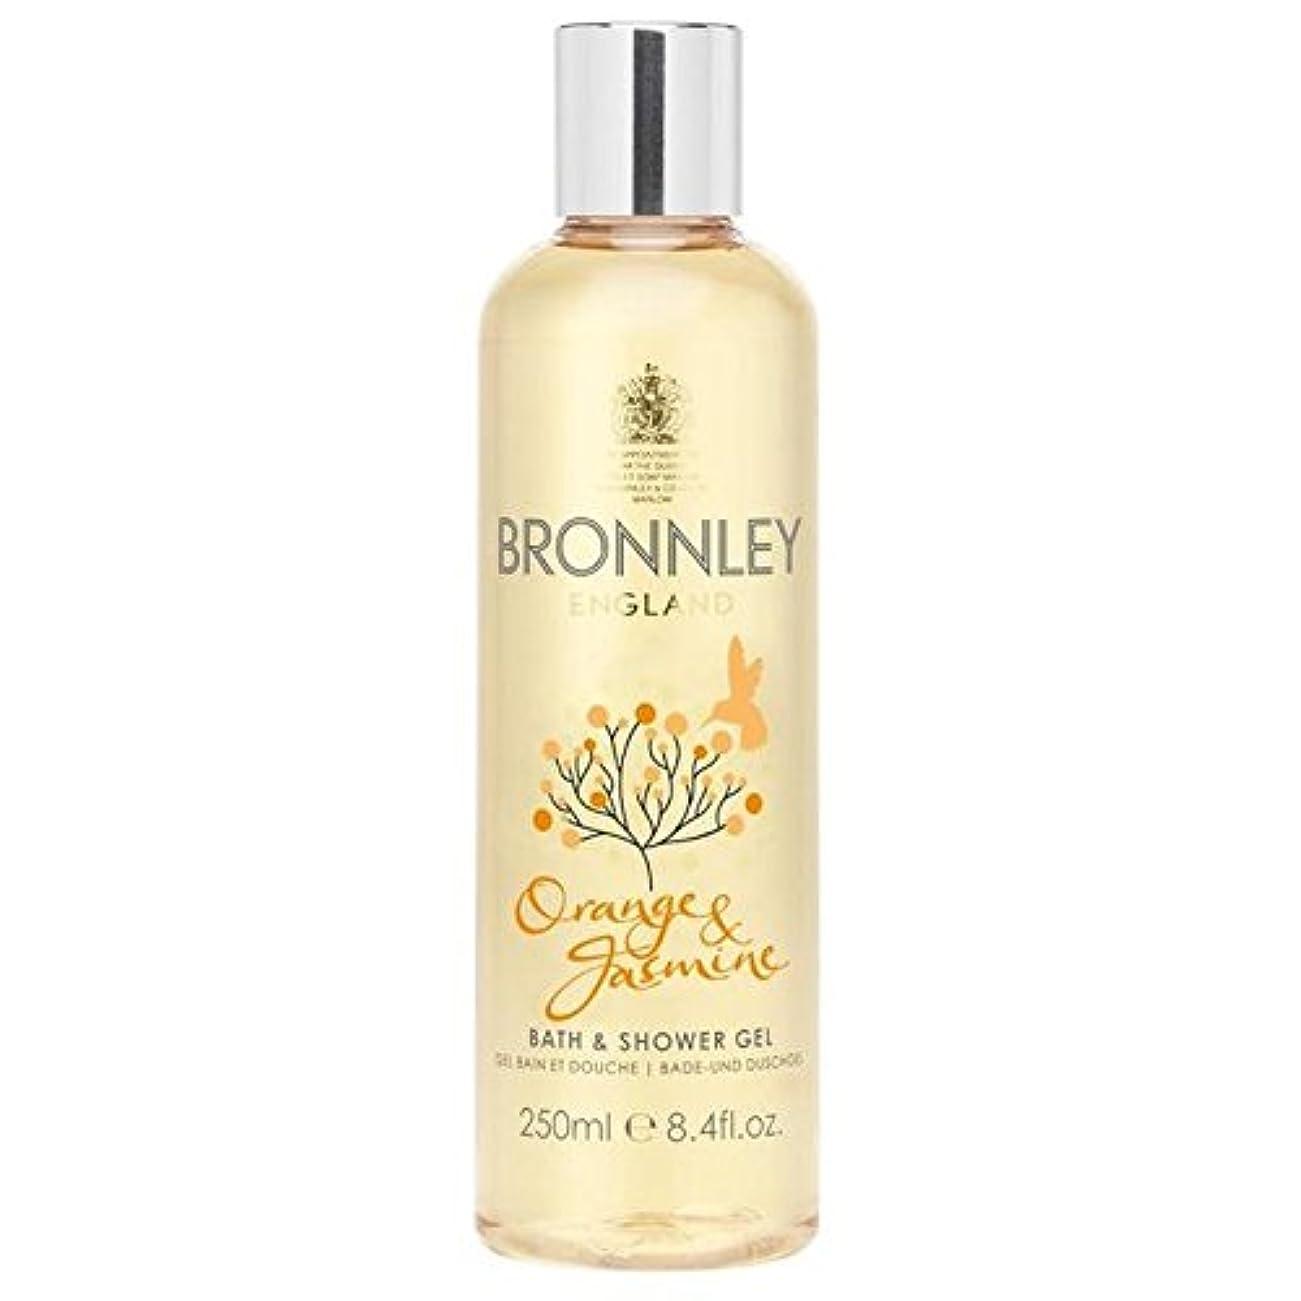 パノラマ奨励します使役オレンジ&ジャスミンバス&シャワージェル250ミリリットル x2 - Bronnley Orange & Jasmine Bath & Shower Gel 250ml (Pack of 2) [並行輸入品]